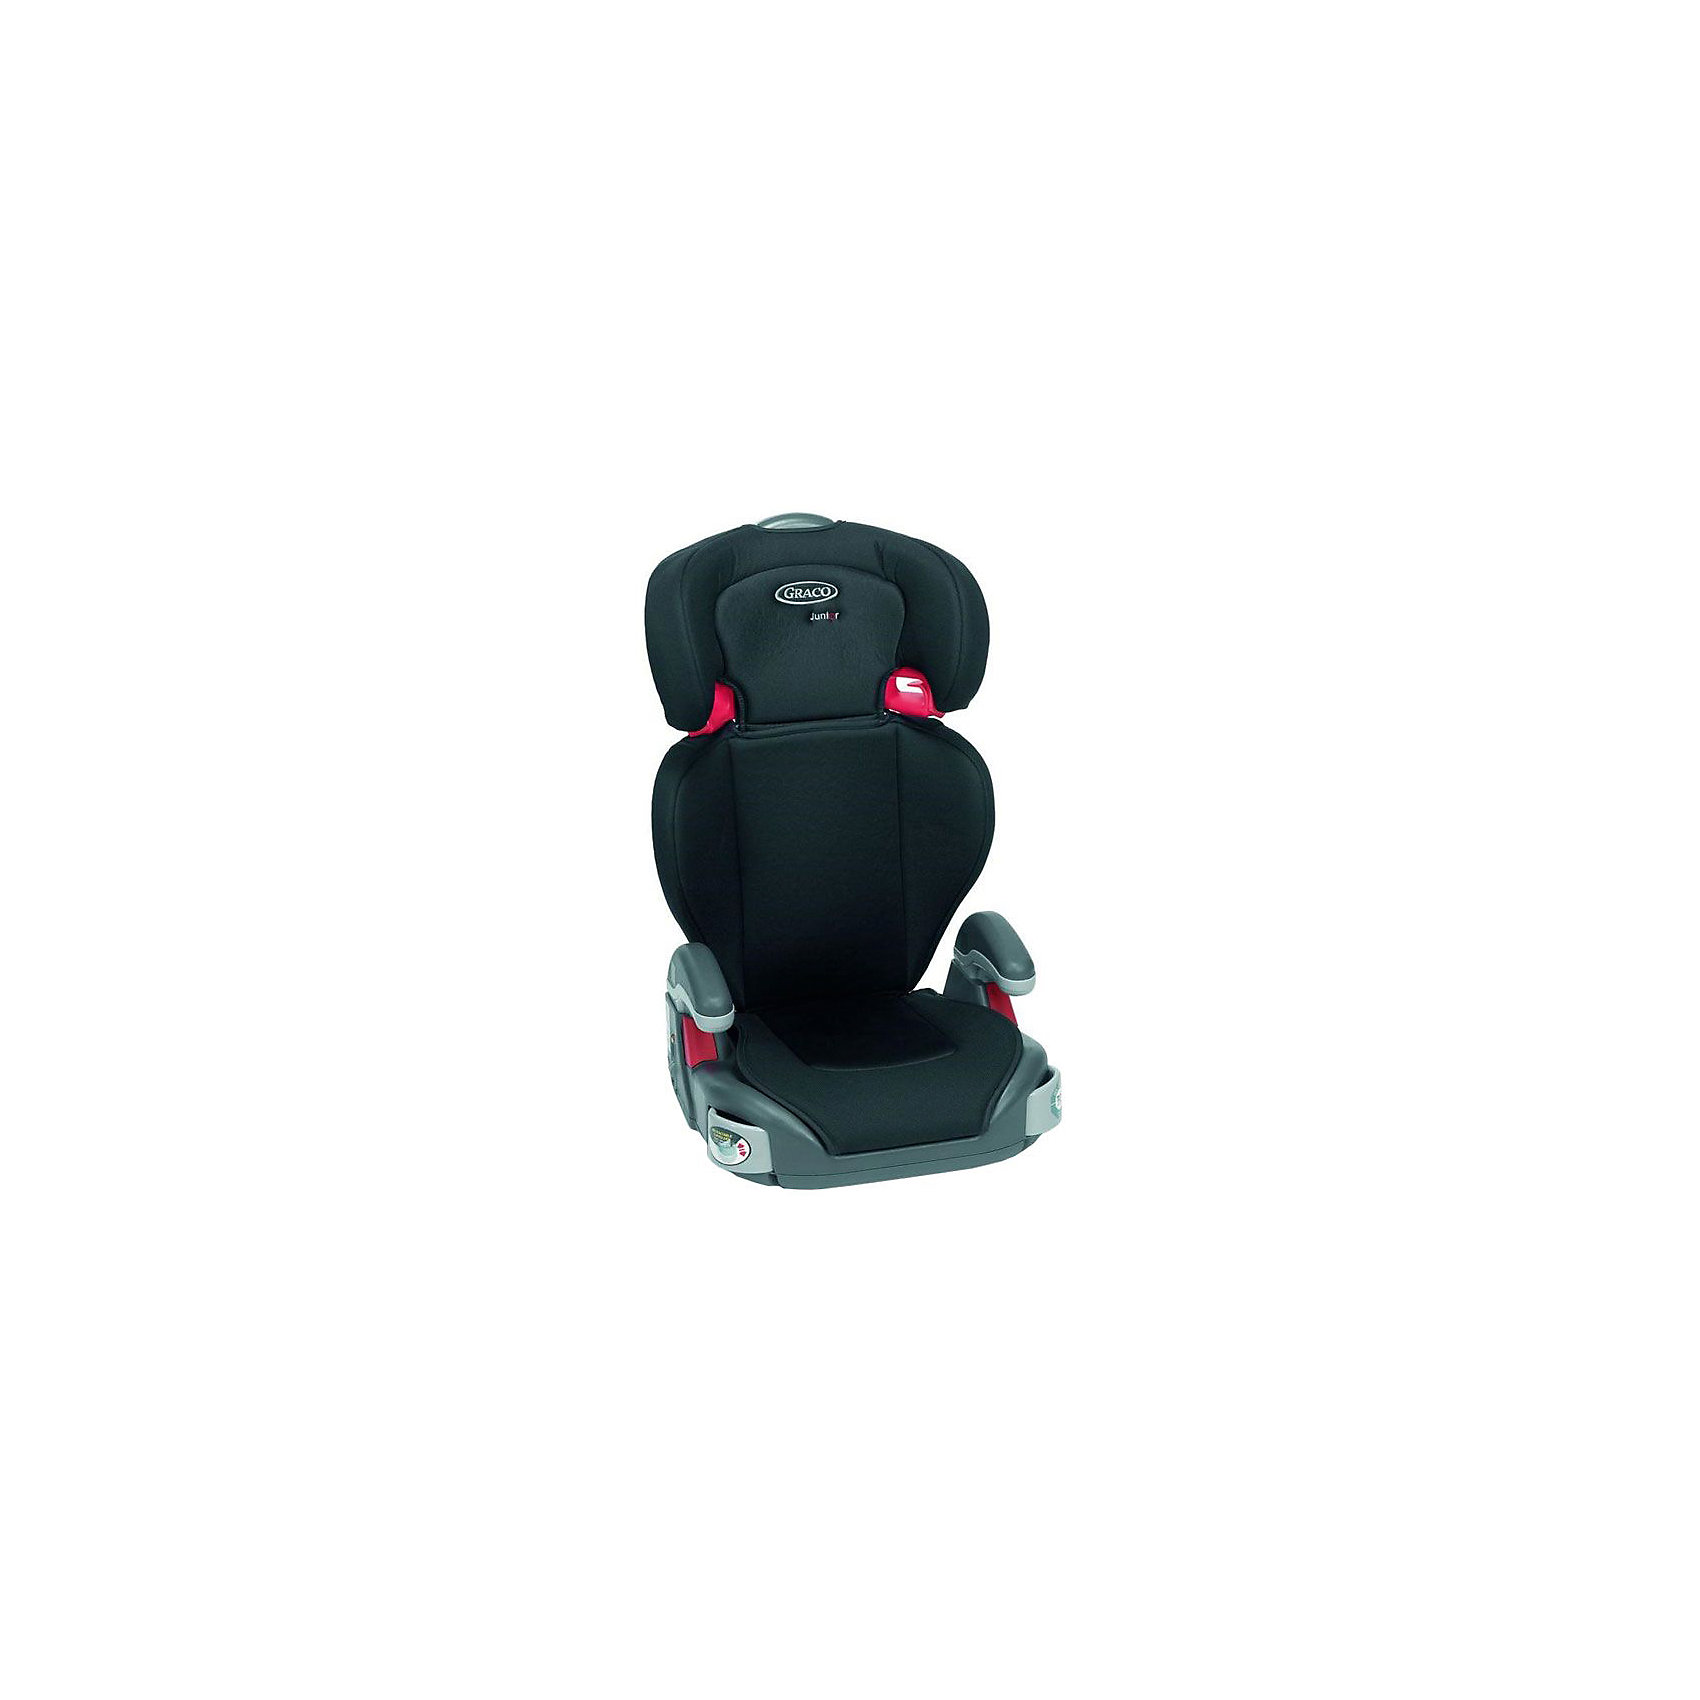 Бустер 2-в-1 Junior Maxi Sport Luxe 15-36 кг, Graco, черныйХарактеристики:<br><br>• группа: 2/3;<br>• вес ребенка: 15-36 кг;<br>• возраст ребенка: от 4 до 12 лет;<br>• способ крепления: штатным ремнем безопасности автомобиля;<br>• способ установки: лицом против хода движения автомобиля;<br>• регулируется высота подголовника: 5 положений;<br>• регулируется угол наклона спинки: 2 положения, сидя и полулежа;<br>• две выдвижные секции для различных аксессуаров;<br>• встроенные ремни безопасности отсутствуют, ребенка можно пристегнуть штатными ремнями безопасности автомобиля;<br>• функция бустера;<br>• материал: пластик, полиэстер;<br>• чехлы можно снять и постирать при температуре 30 градусов;<br>• размеры автокресла: 69/81x41х37 см;<br>• вес: 4,5 кг.<br><br>Автокресло 2в1 Junior Maxi Sport Luxe используется как стандартное автокресло со спинкой и подголовником и подлокотниками, а также, как бустер с подлокотниками и без спинки, для детей весовой категории 25-36 кг. Положение спинки и подголовника регулируется и настраивается с учетом возрастных изменений ребенка и его положения в дороге.  <br><br>Бустер 2-в-1 Junior Maxi Sport Luxe 15-36 кг, Graco, черный можно купить в нашем интернет-магазине.<br><br>Ширина мм: 430<br>Глубина мм: 235<br>Высота мм: 645<br>Вес г: 4400<br>Возраст от месяцев: 48<br>Возраст до месяцев: 144<br>Пол: Унисекс<br>Возраст: Детский<br>SKU: 5388608